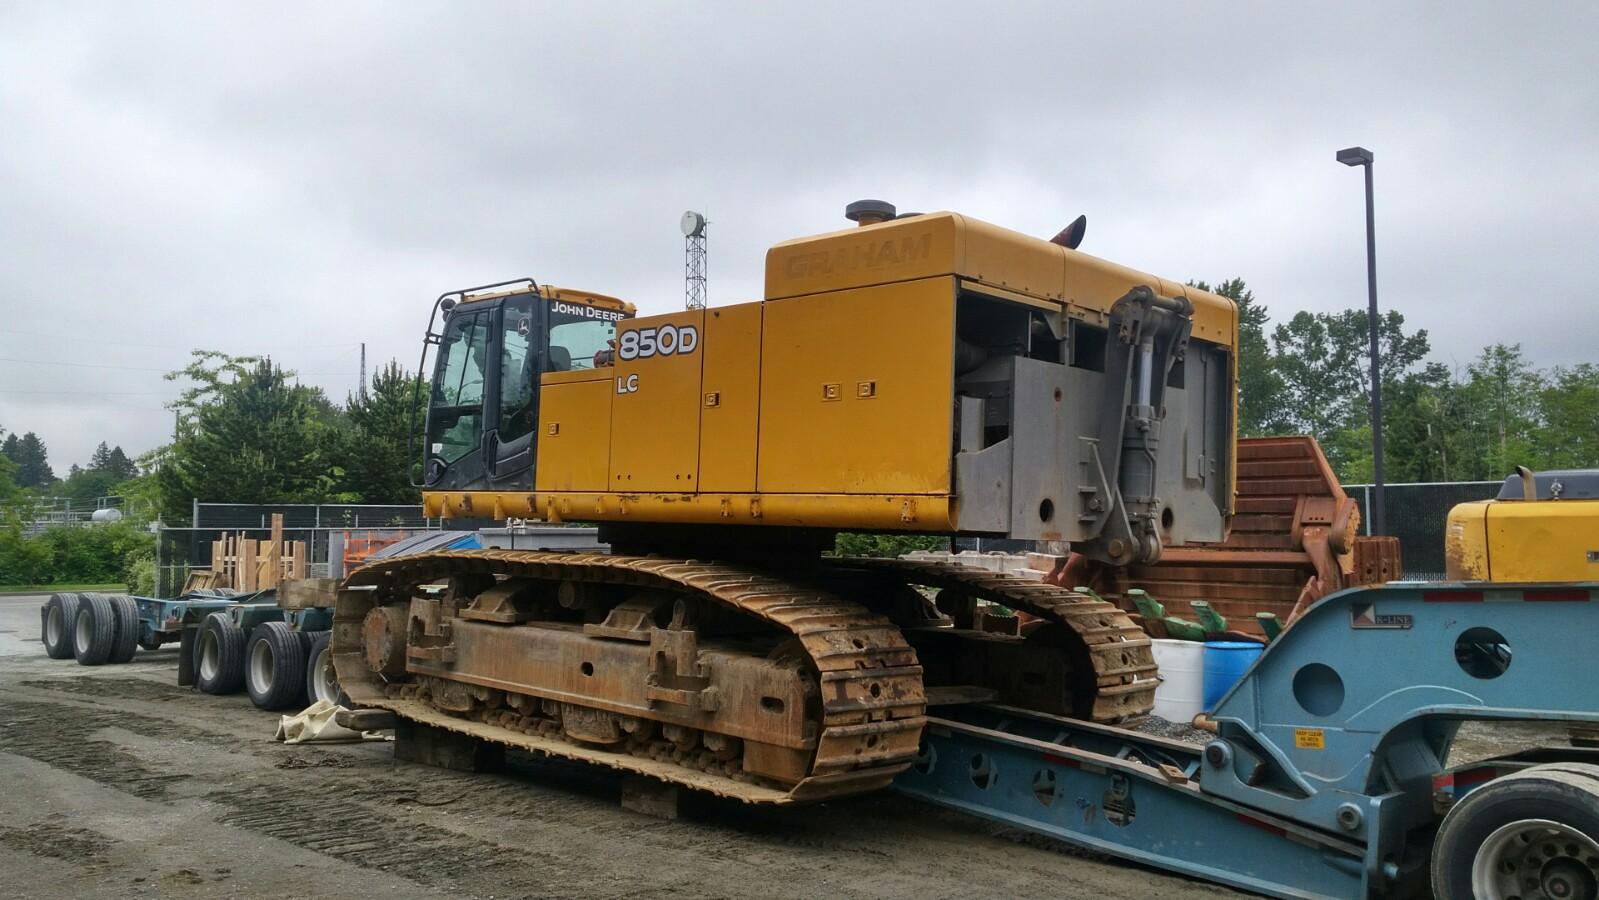 JD850D LC 2 john deere 850 hydraulic pump